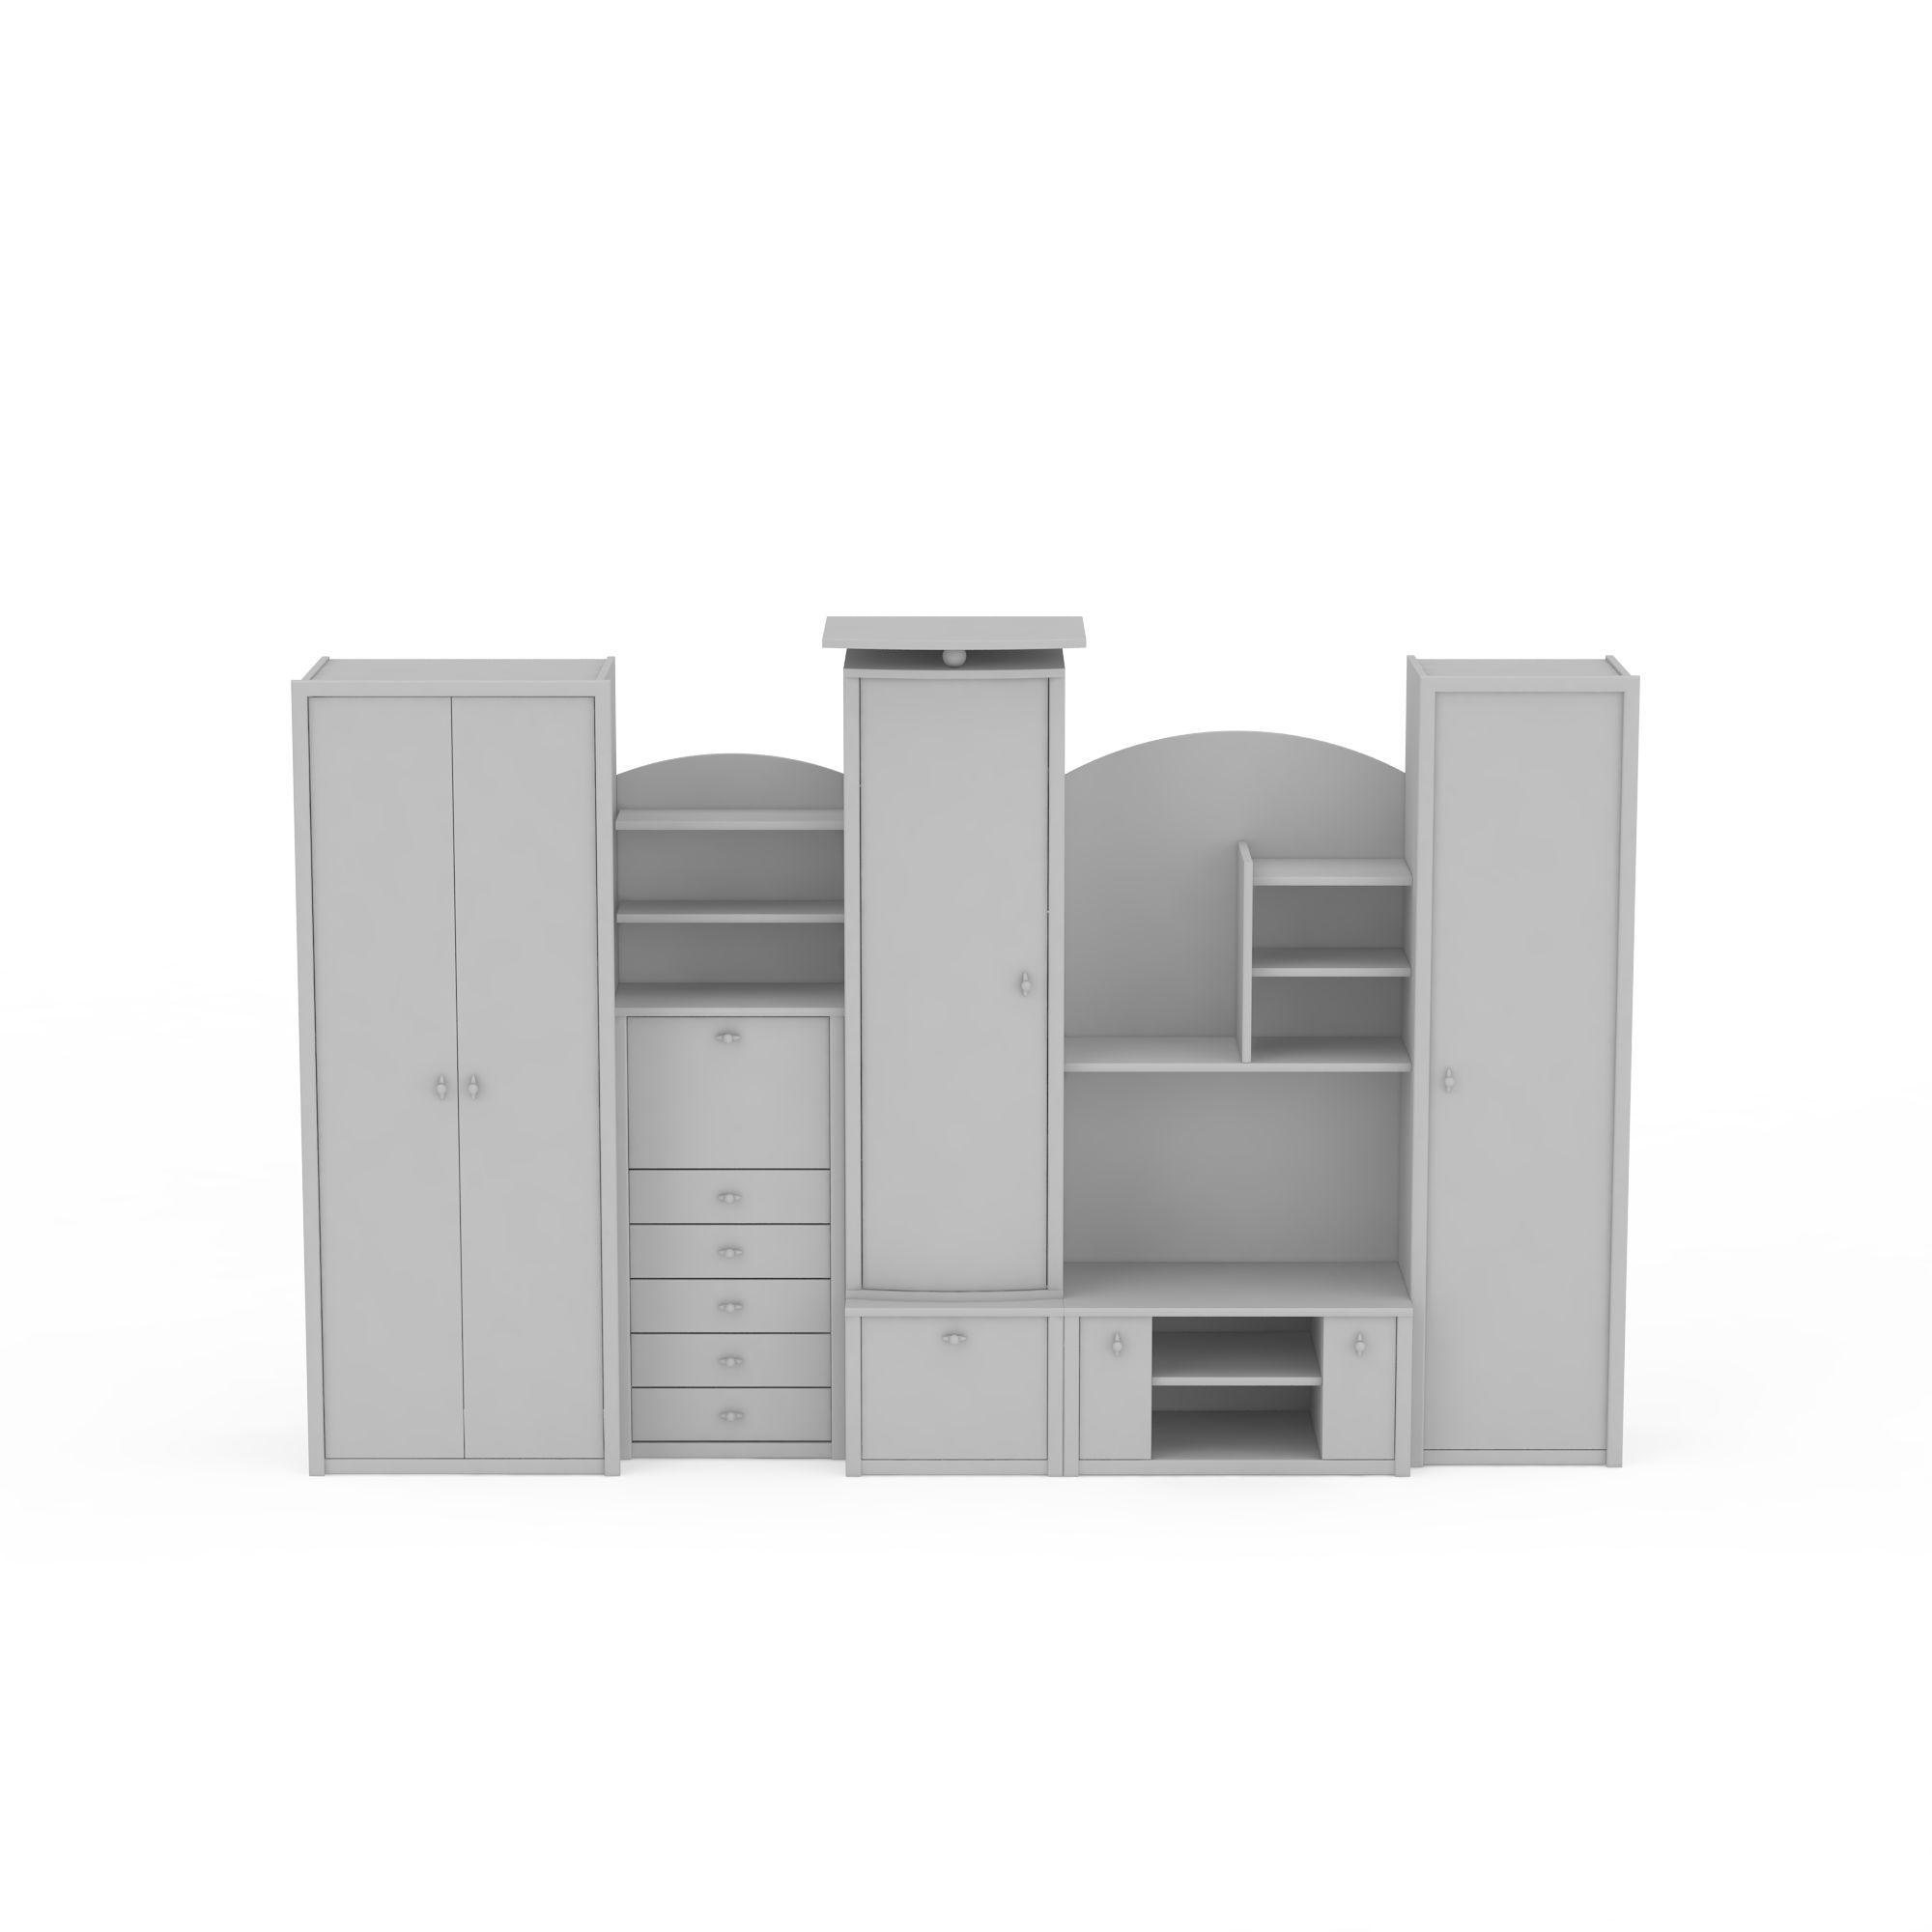 现代衣柜图片_现代衣柜png图片素材_现代衣柜png高清